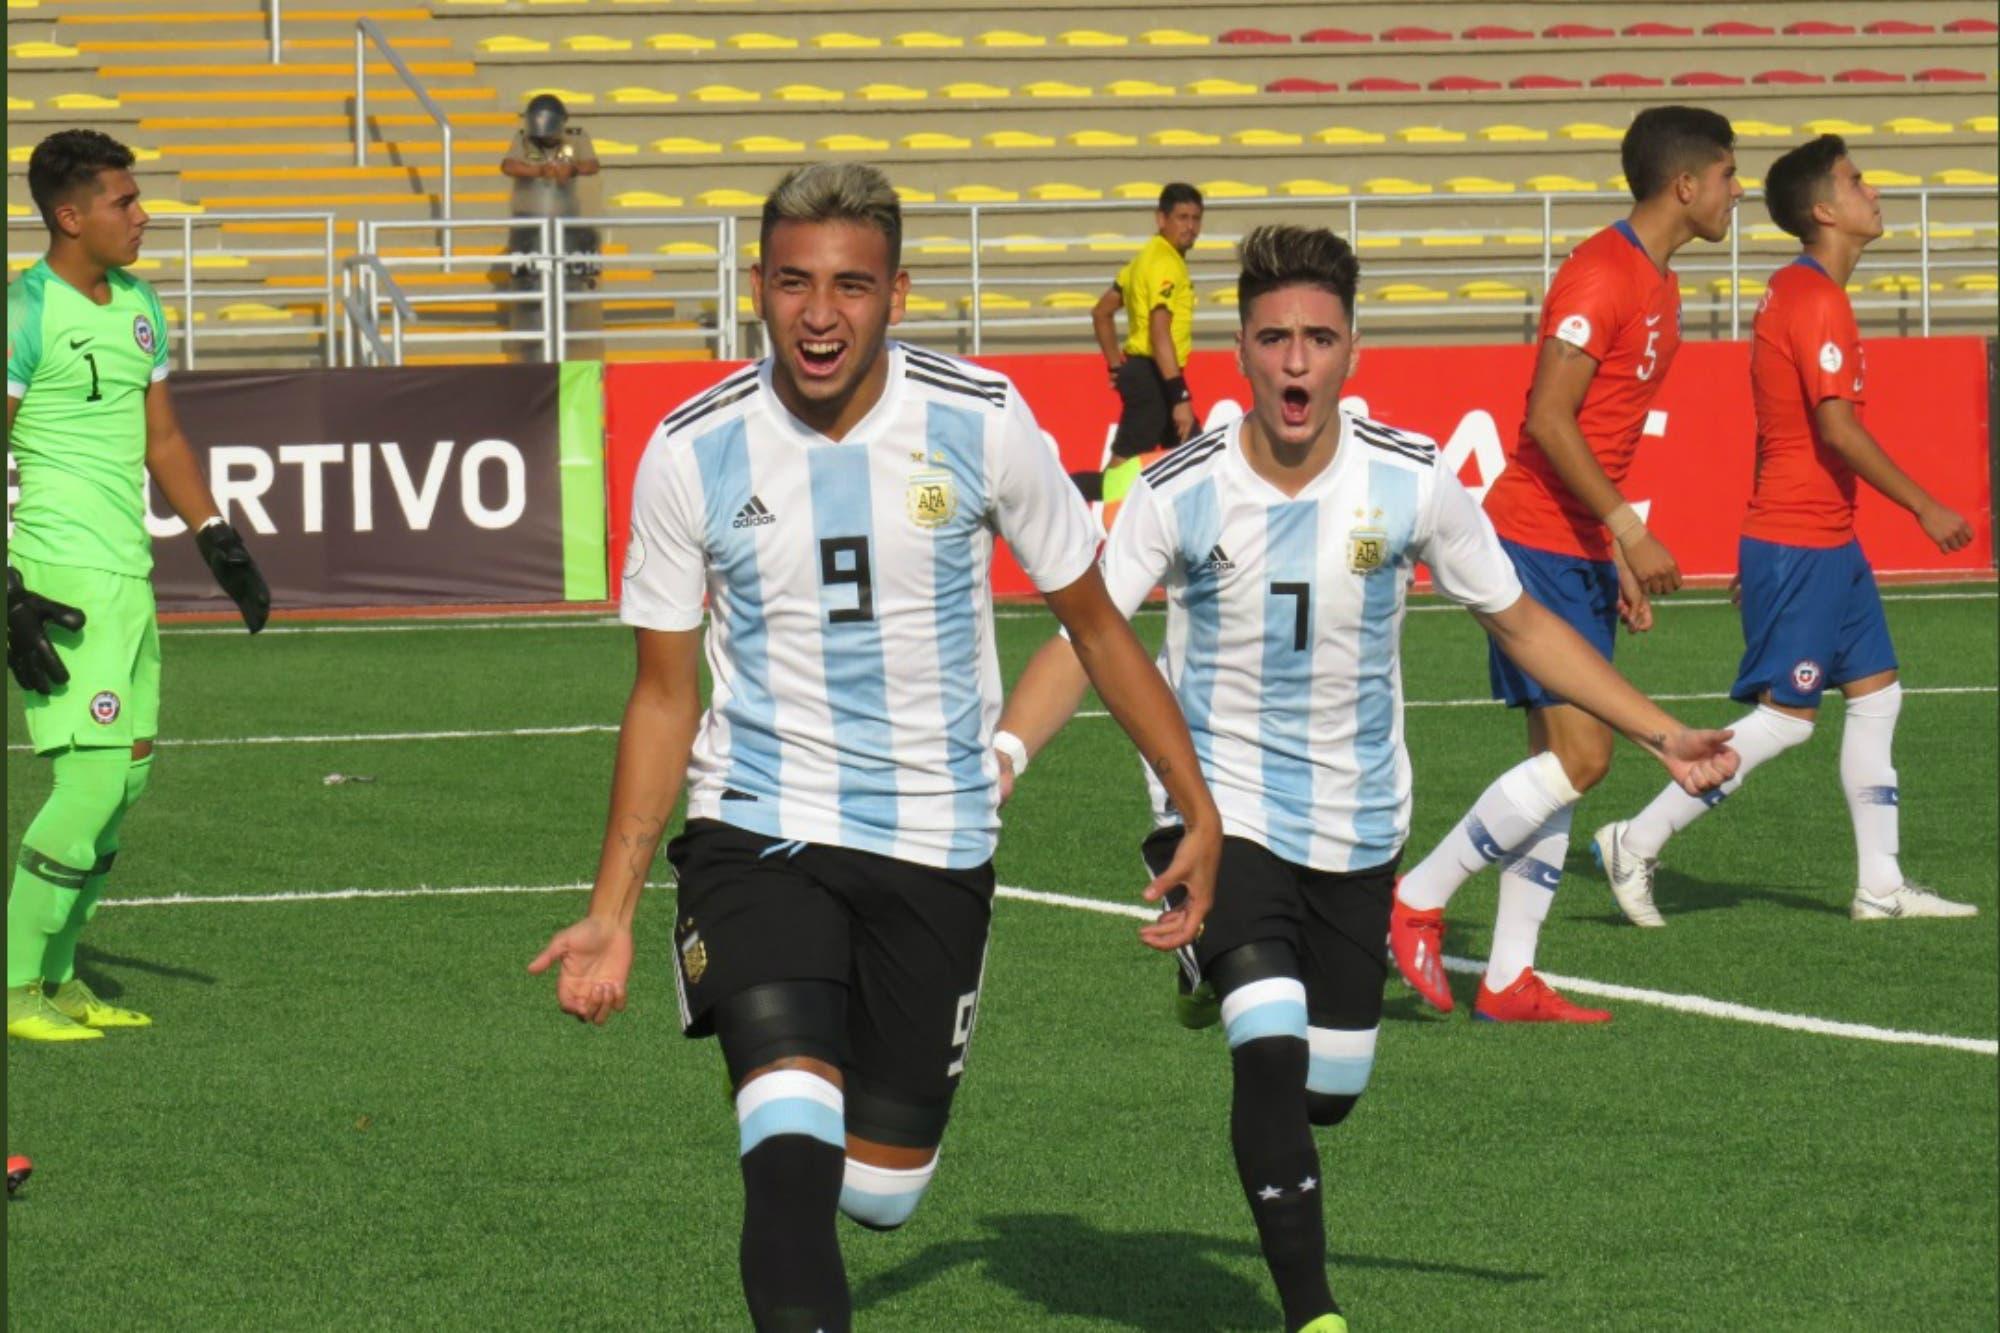 Agenda de TV: San Lorenzo-Huracán, la definición de Augusta y el Sub 17 va por el título